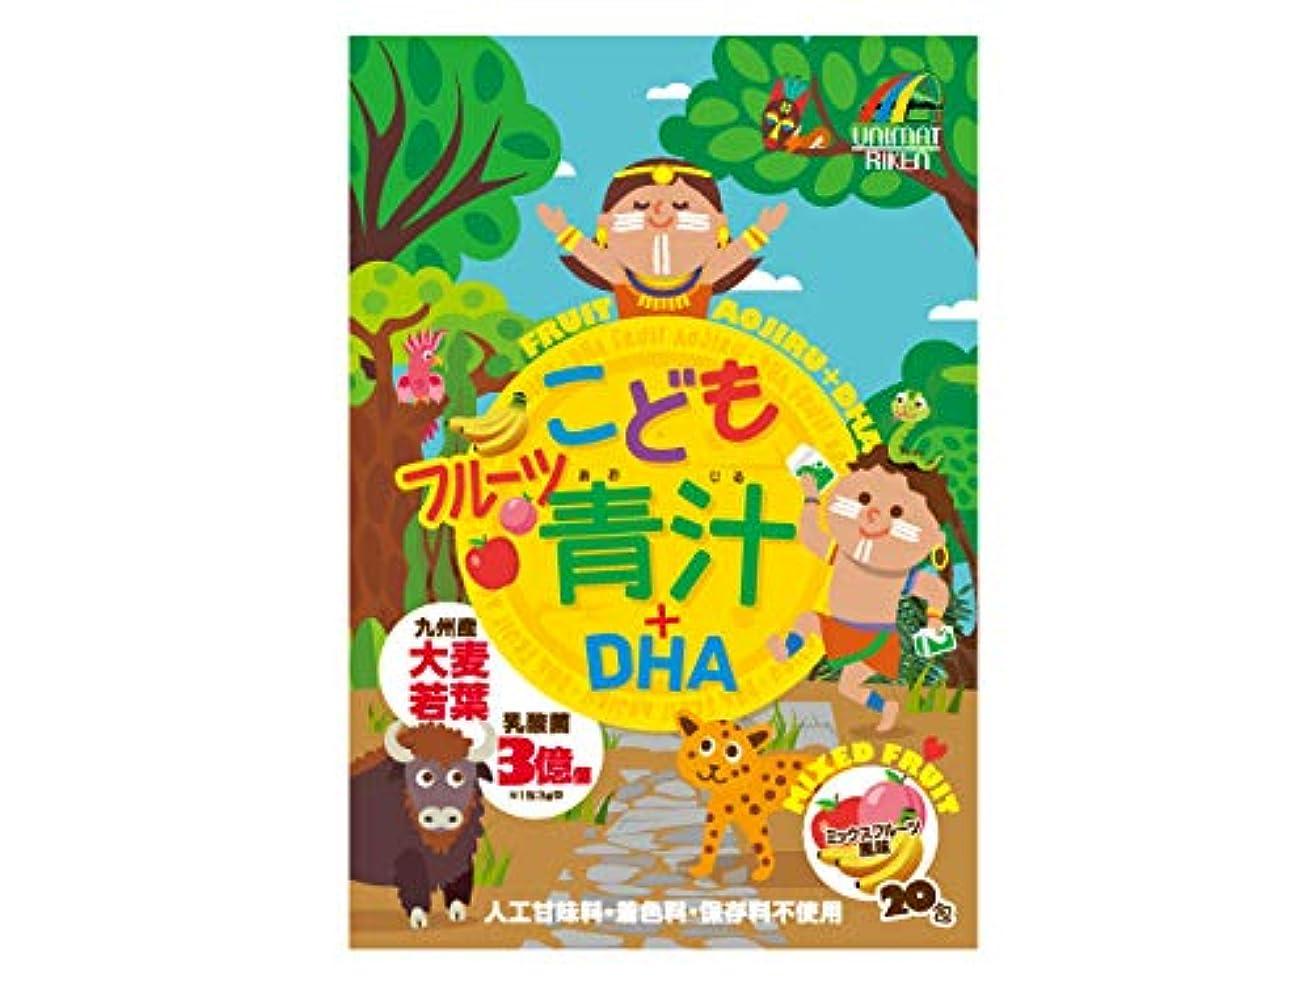 水っぽい振り向くピンポイントユニマットリケン 子供フルーツ青汁+DHA 3g×20包